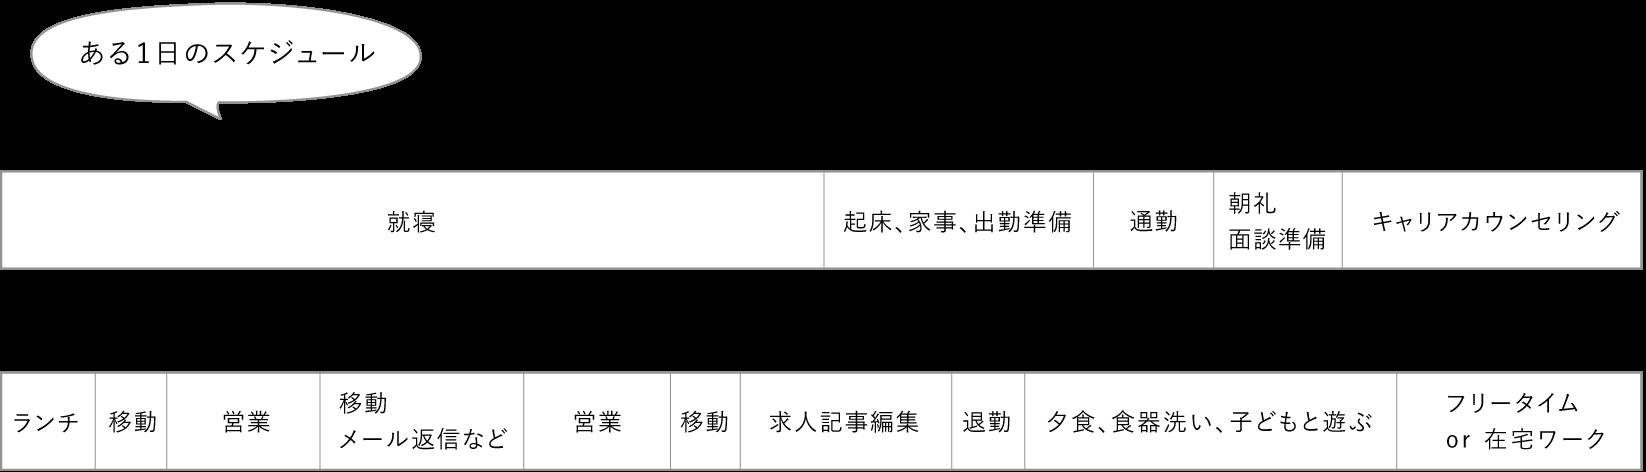 schedule02_fuji